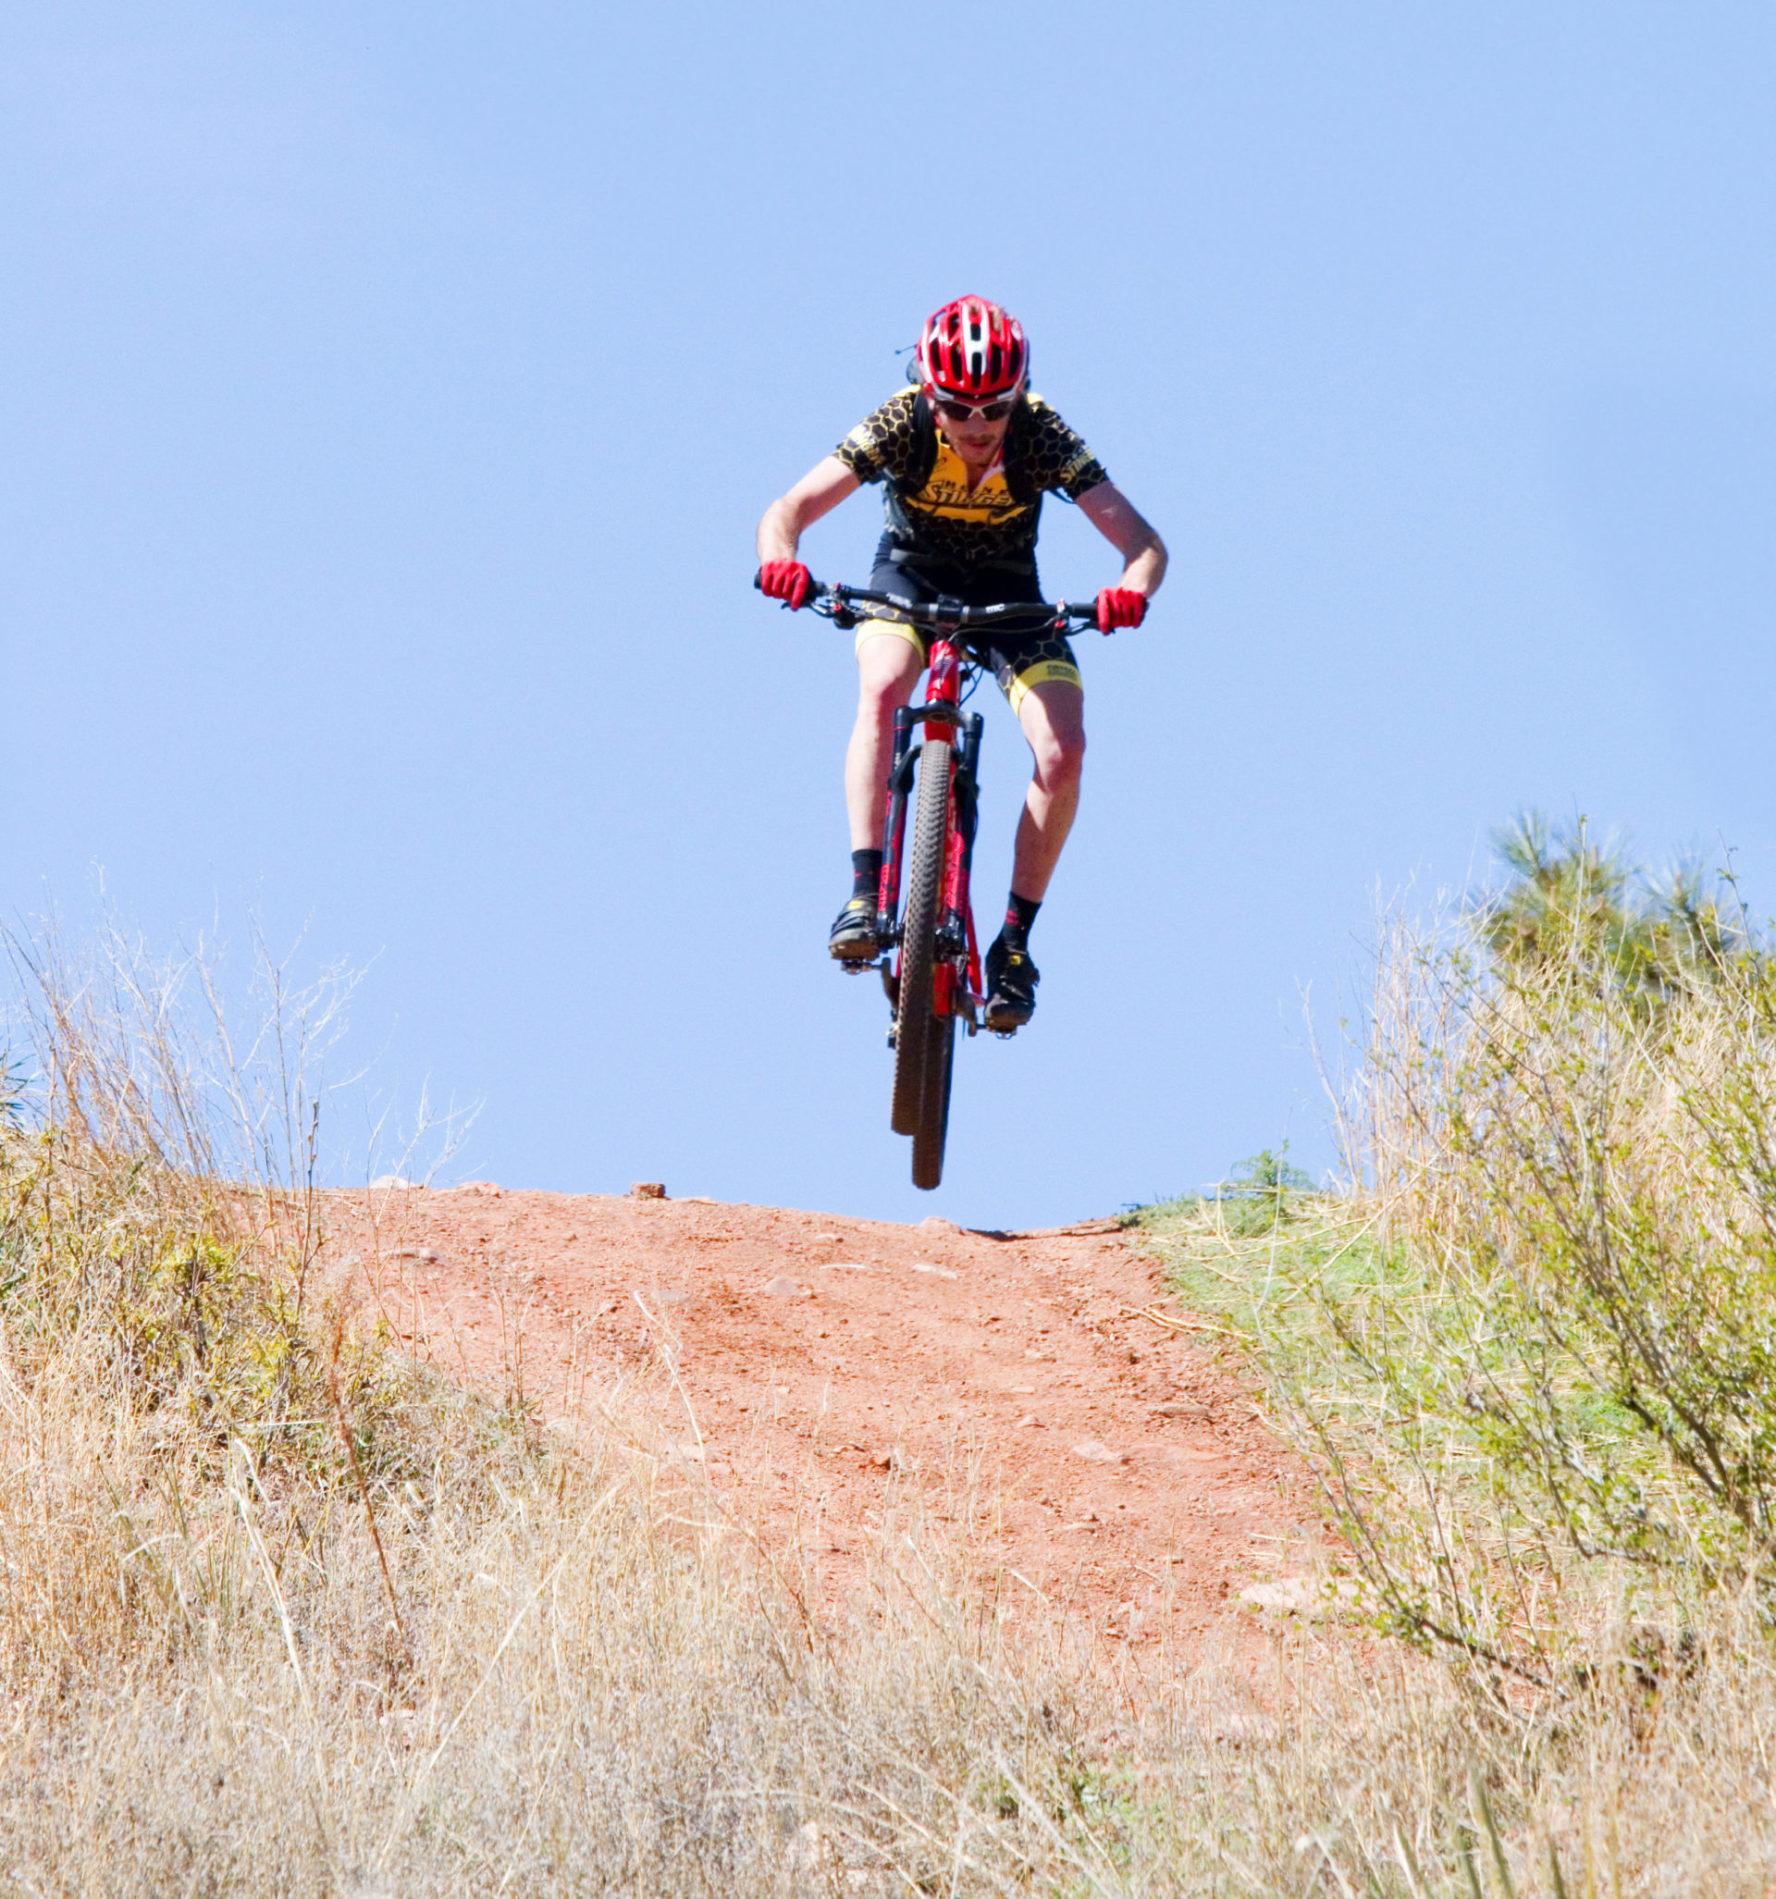 More riding in colorado springs mountain biking